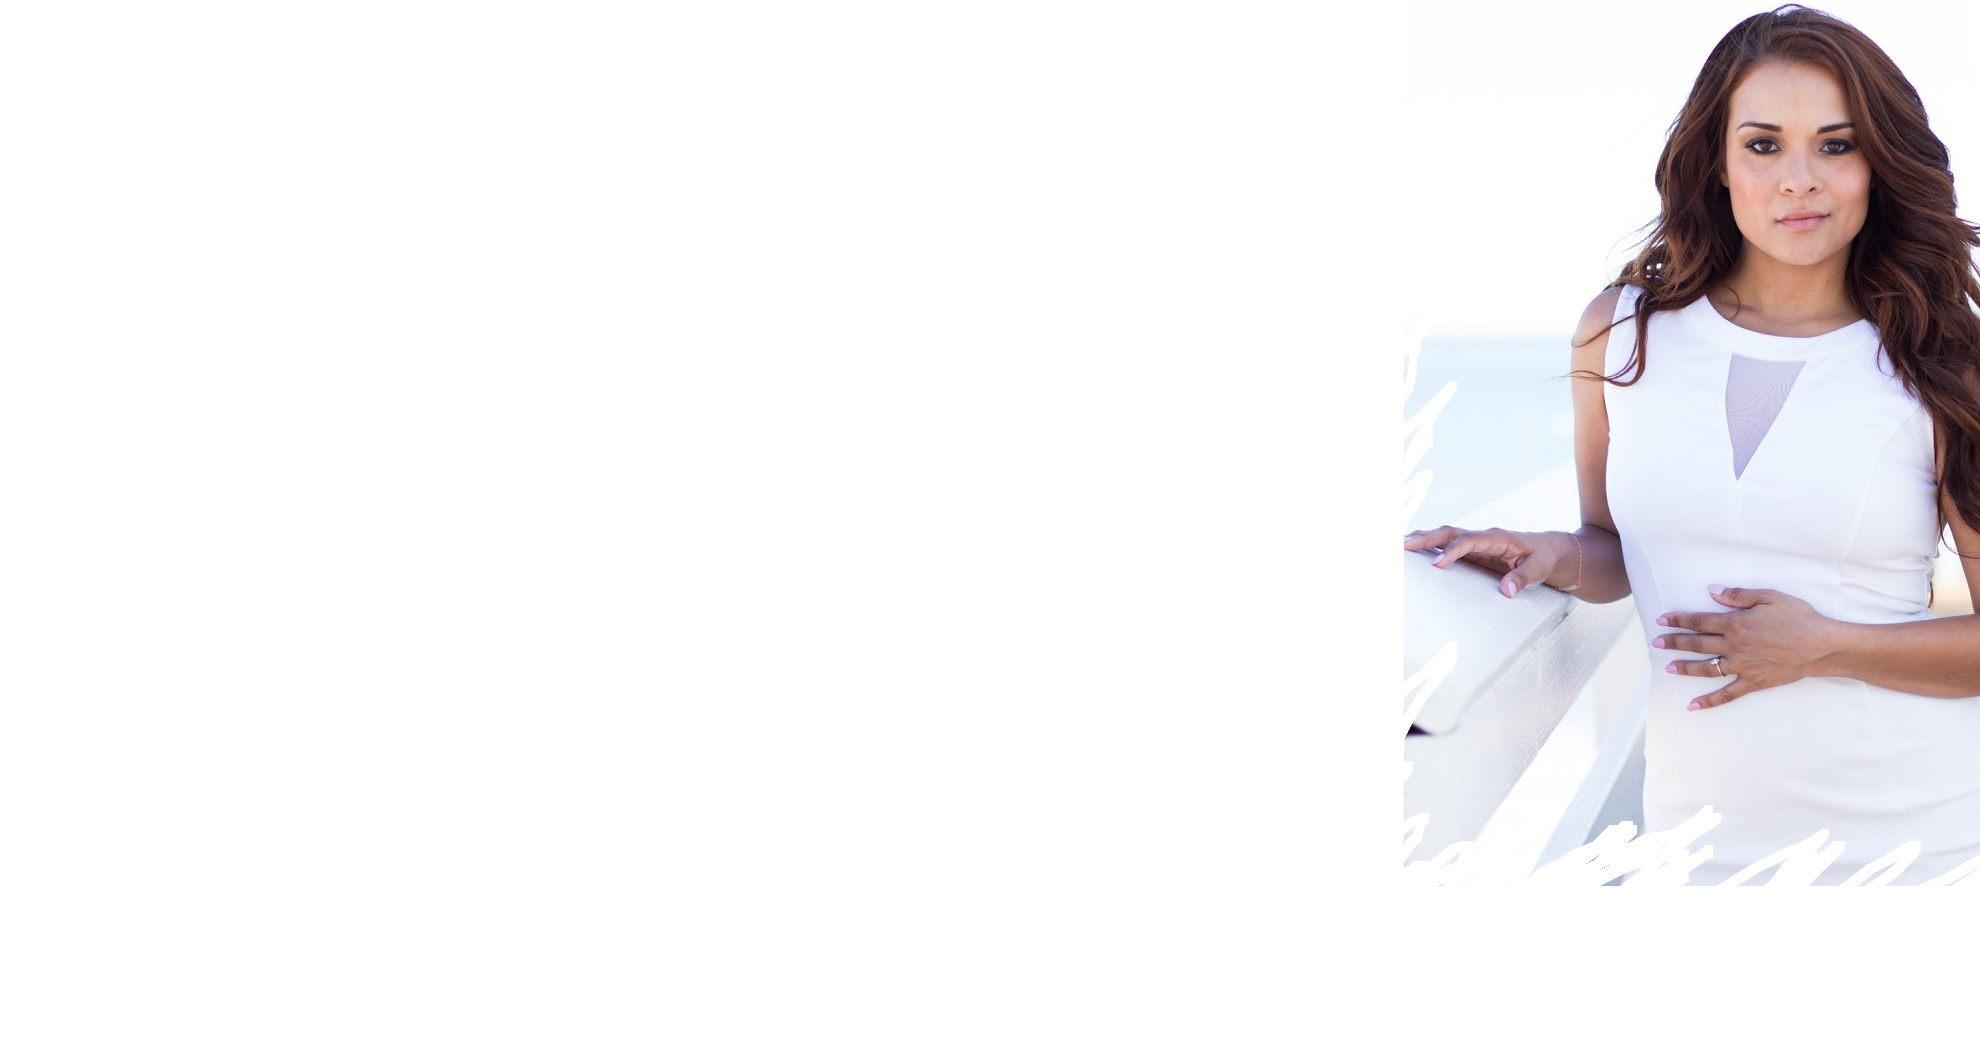 main-bg-whitedress